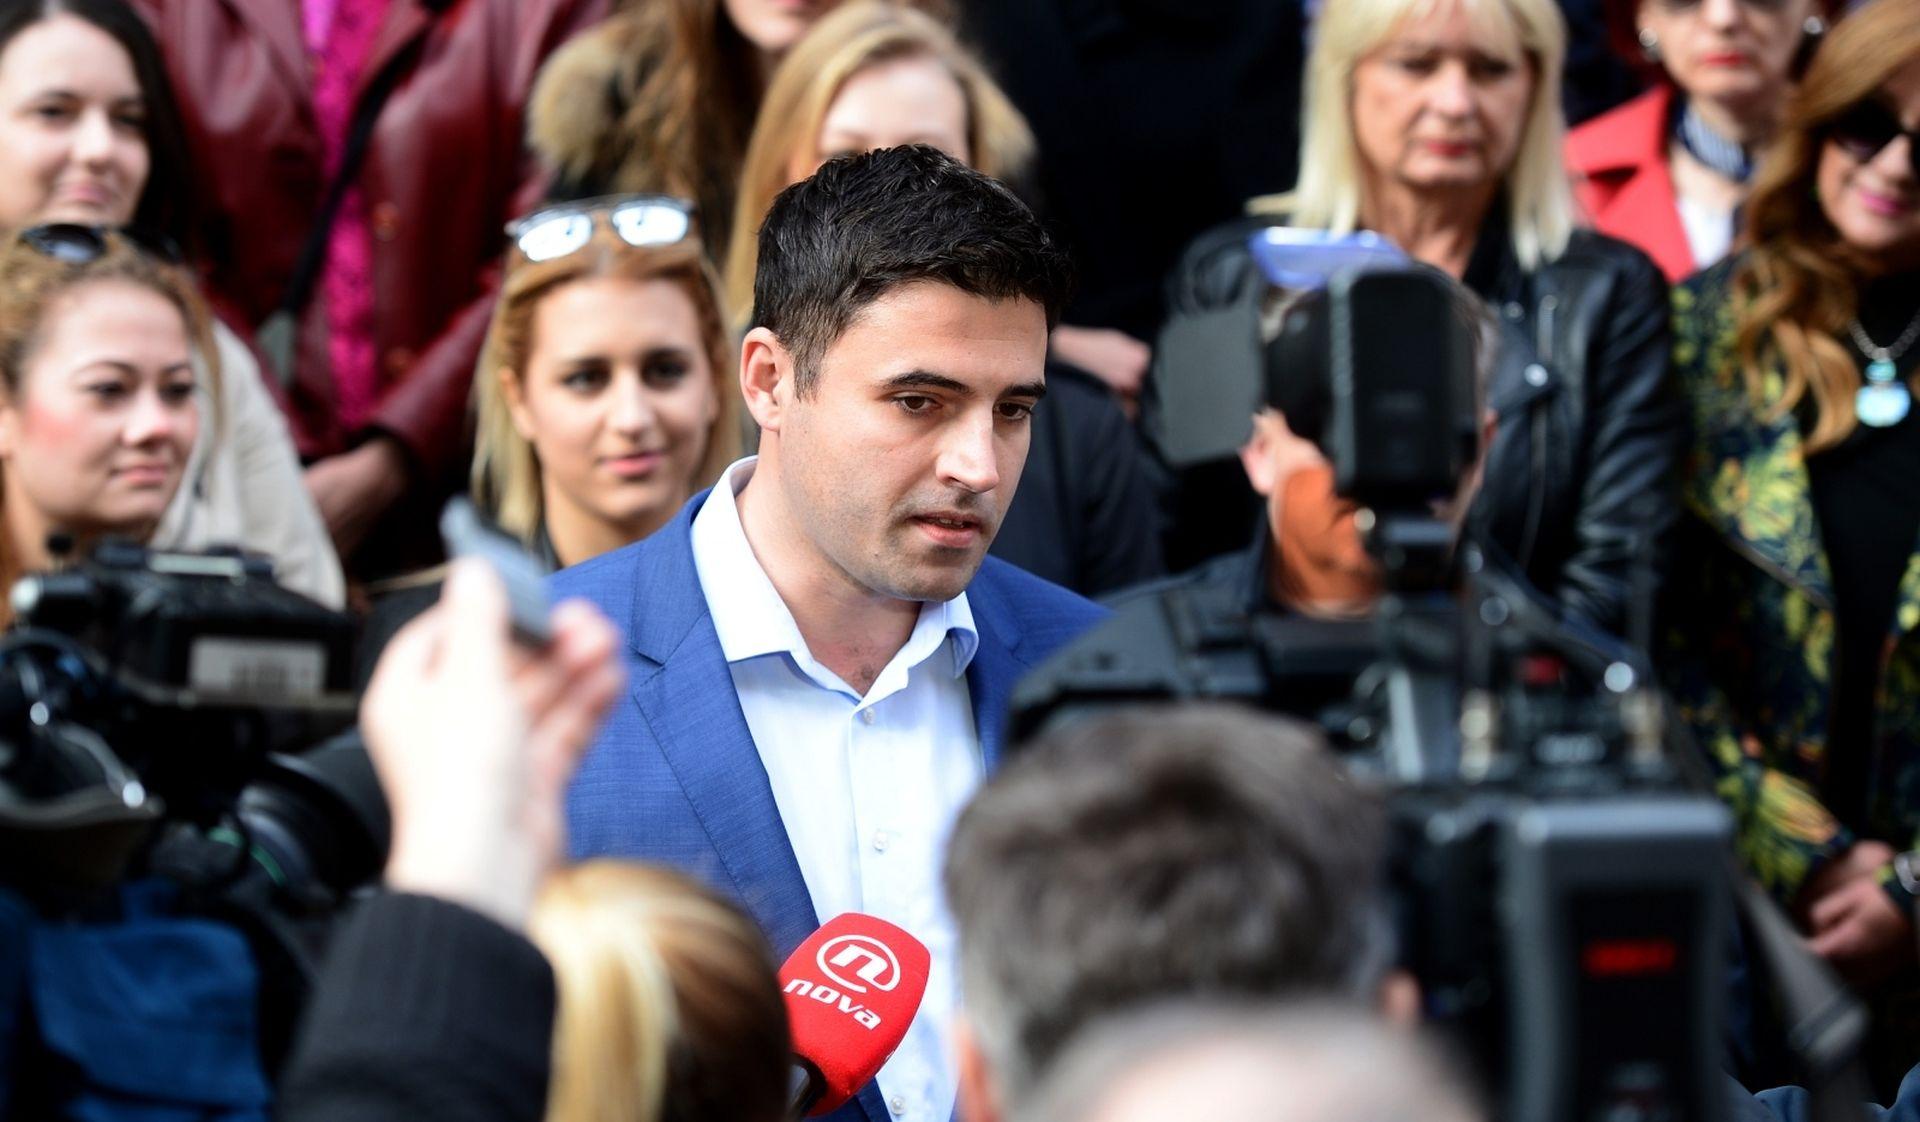 BERNARDIĆ 'Potvrđuje se da je SDP bio u pravu oko Lex Agrokora'